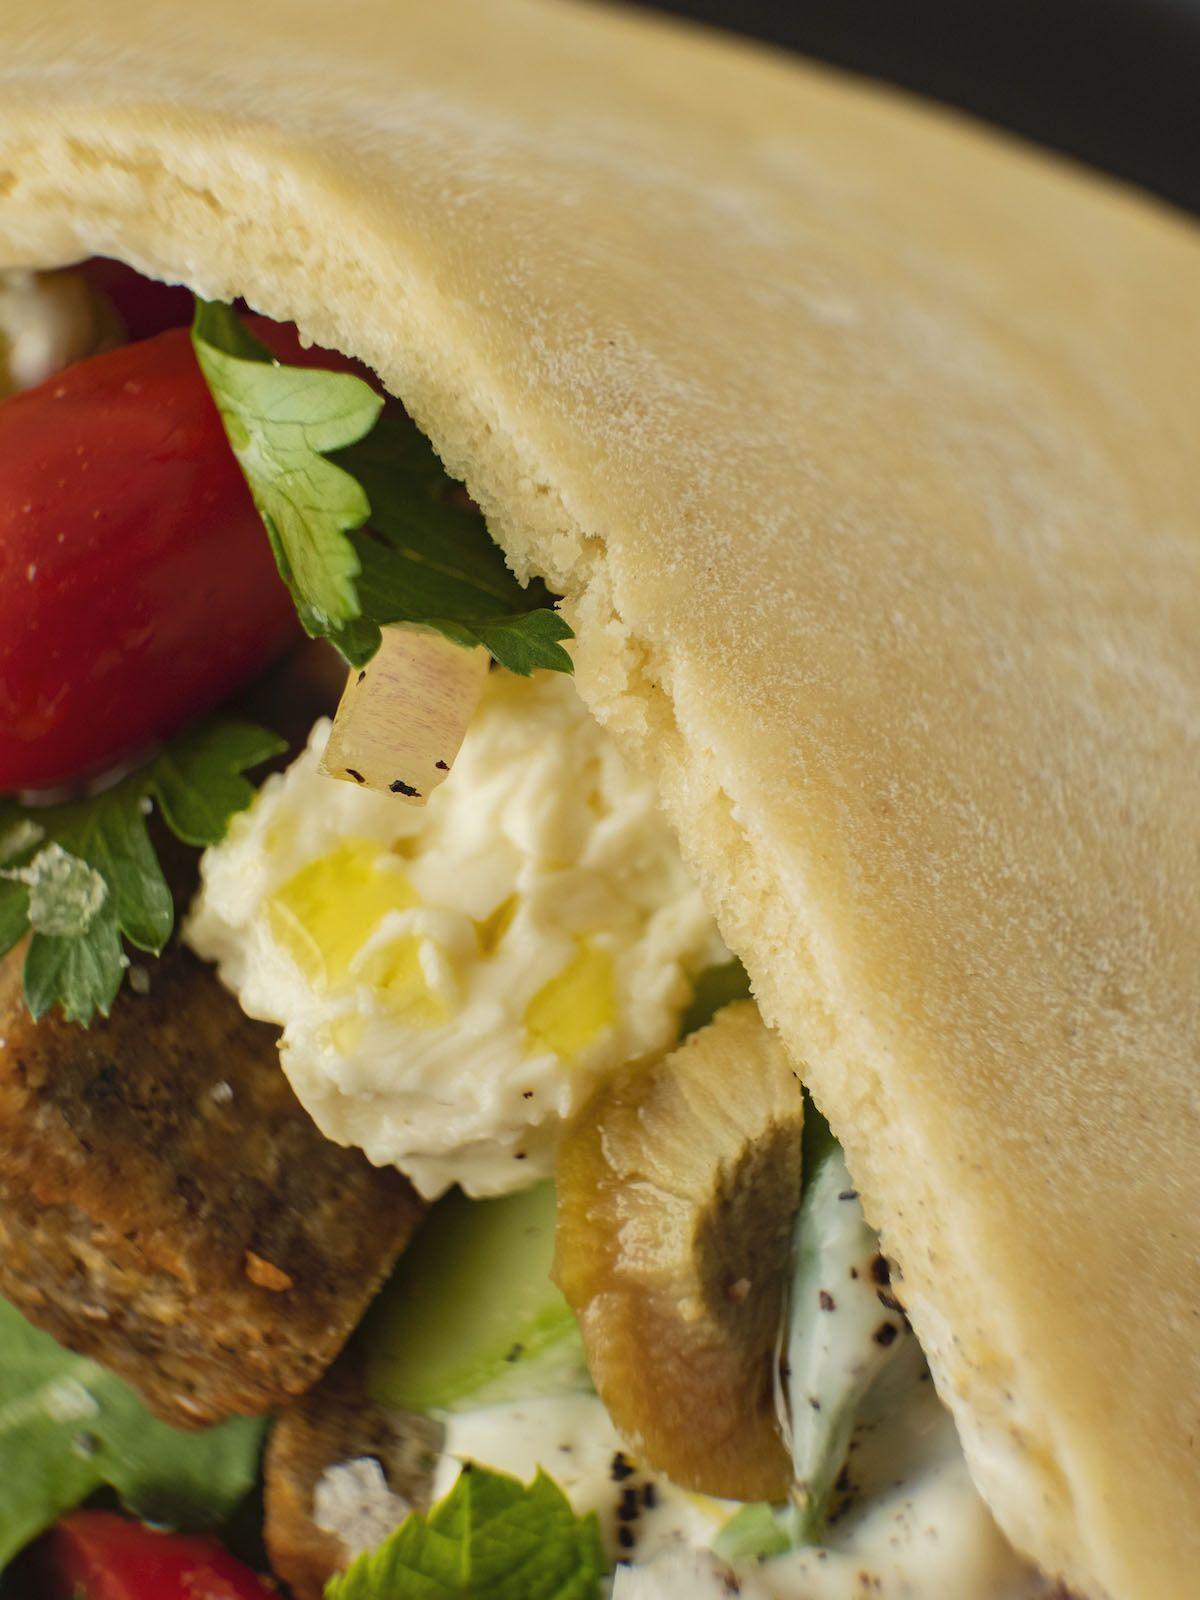 Foodblog, About Fuel, Rezept, Bold Foods The big R Knusperwürfel im Pitabrot mit griechischem Salat, Ruccola und Joghurt-Zitronen-Soße, Oliven, Tomate, Petersilie